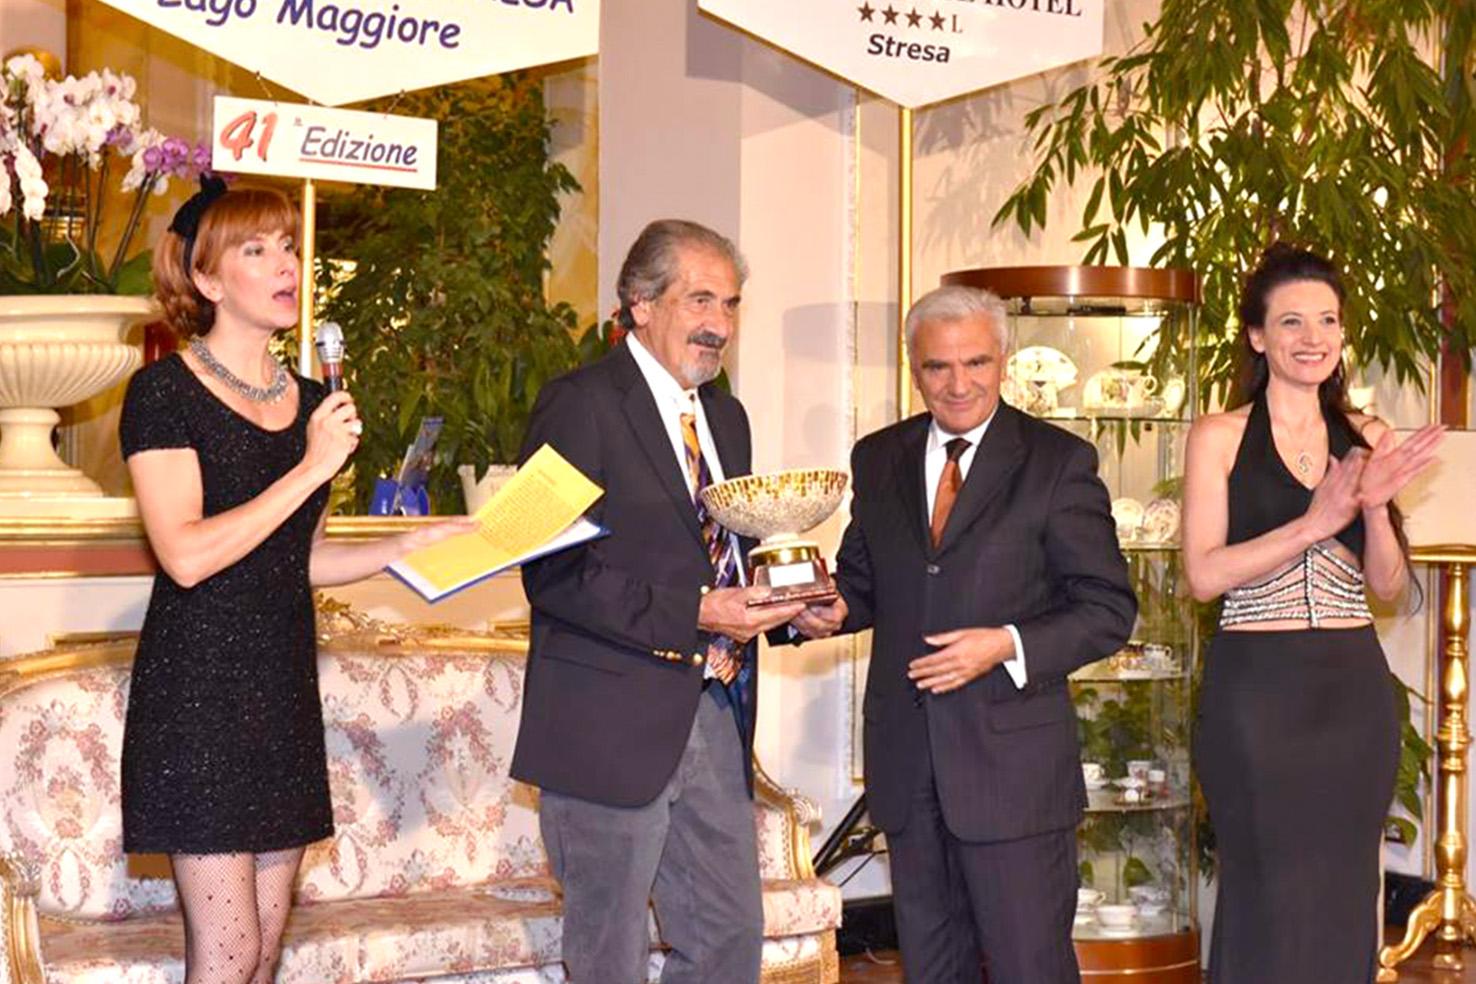 Stresa (VCO), 29 ottobre 2017, il maestro Guglielmo Meltzeid riceve dall'ex ministro Renato Balduzzi il Premio alla Carriera, nell'ambito della 41a edizione della manifestazione 'Modella per l'Arte', foto © aut./MpA/ReginaPalace